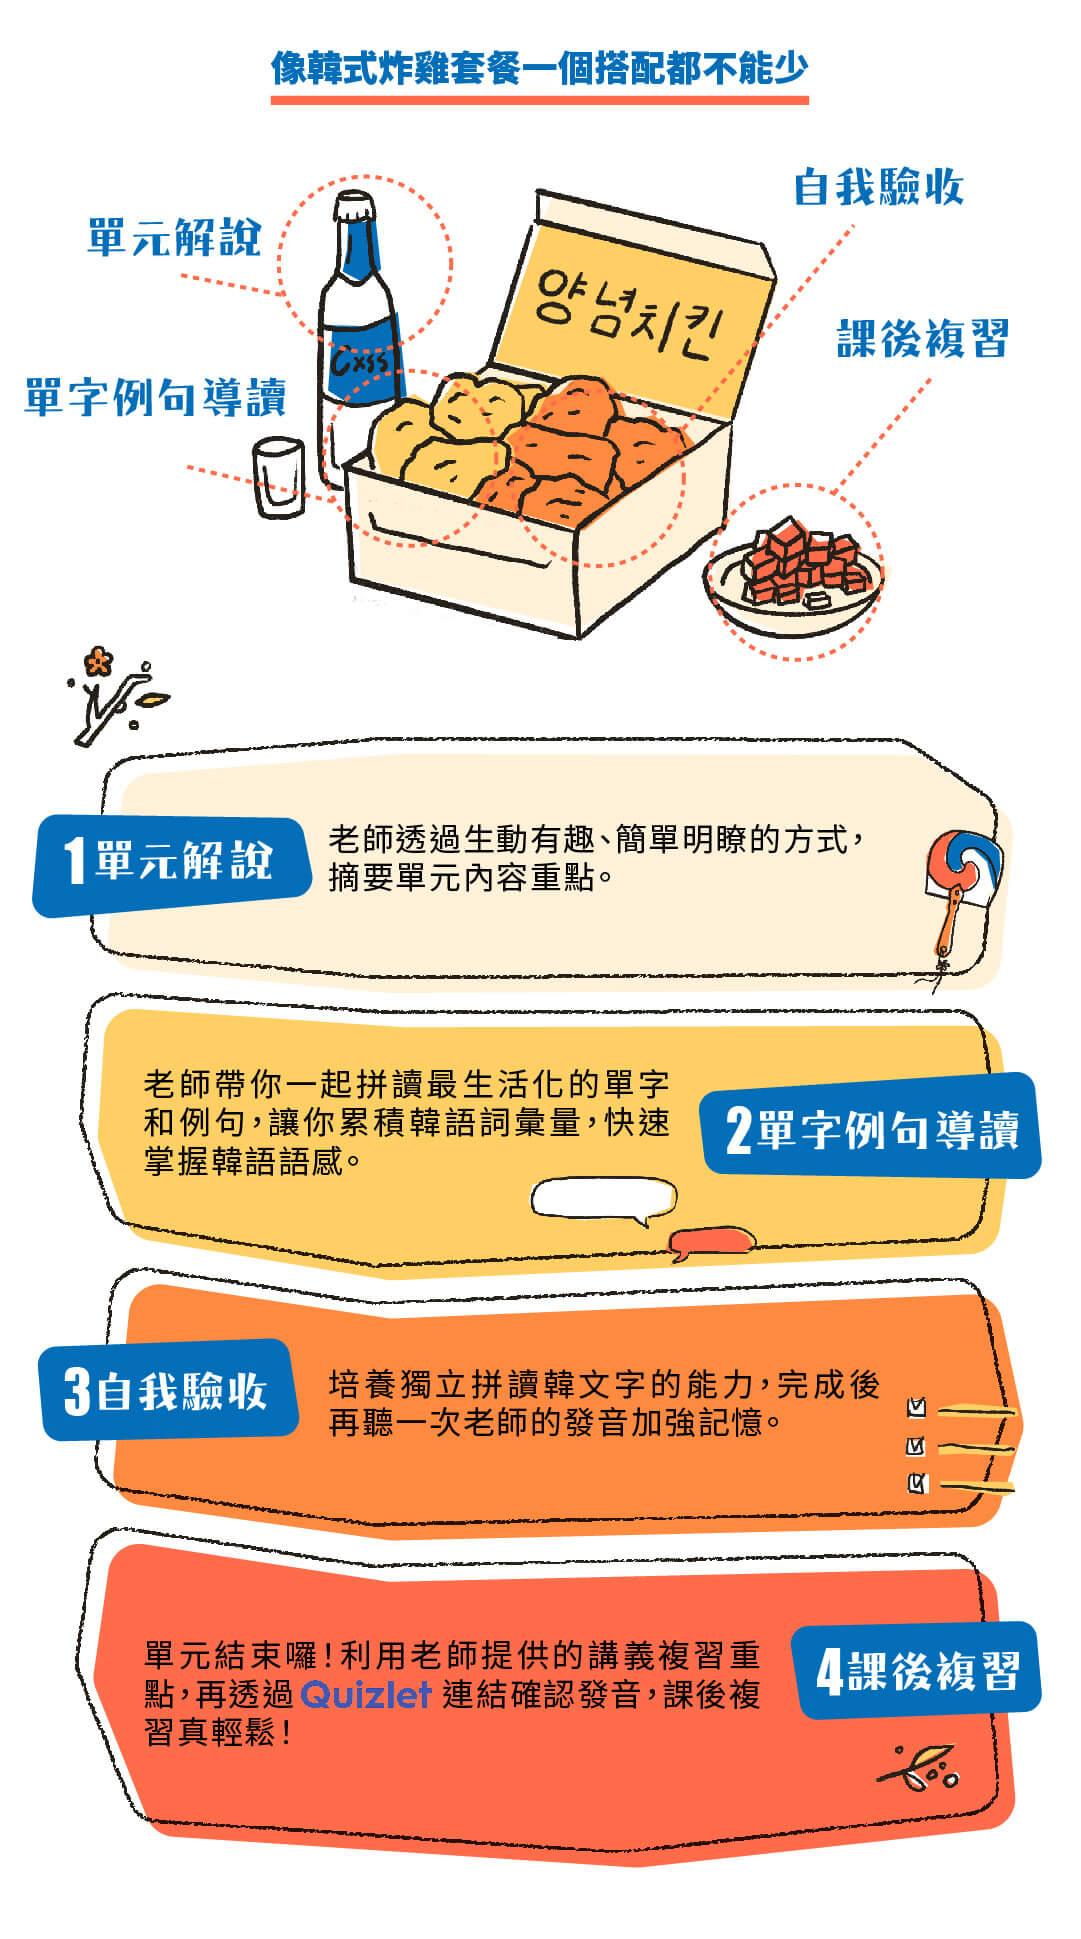 韓文基礎發音課|開口就是溜韓語 - 韓文發音學習四階段